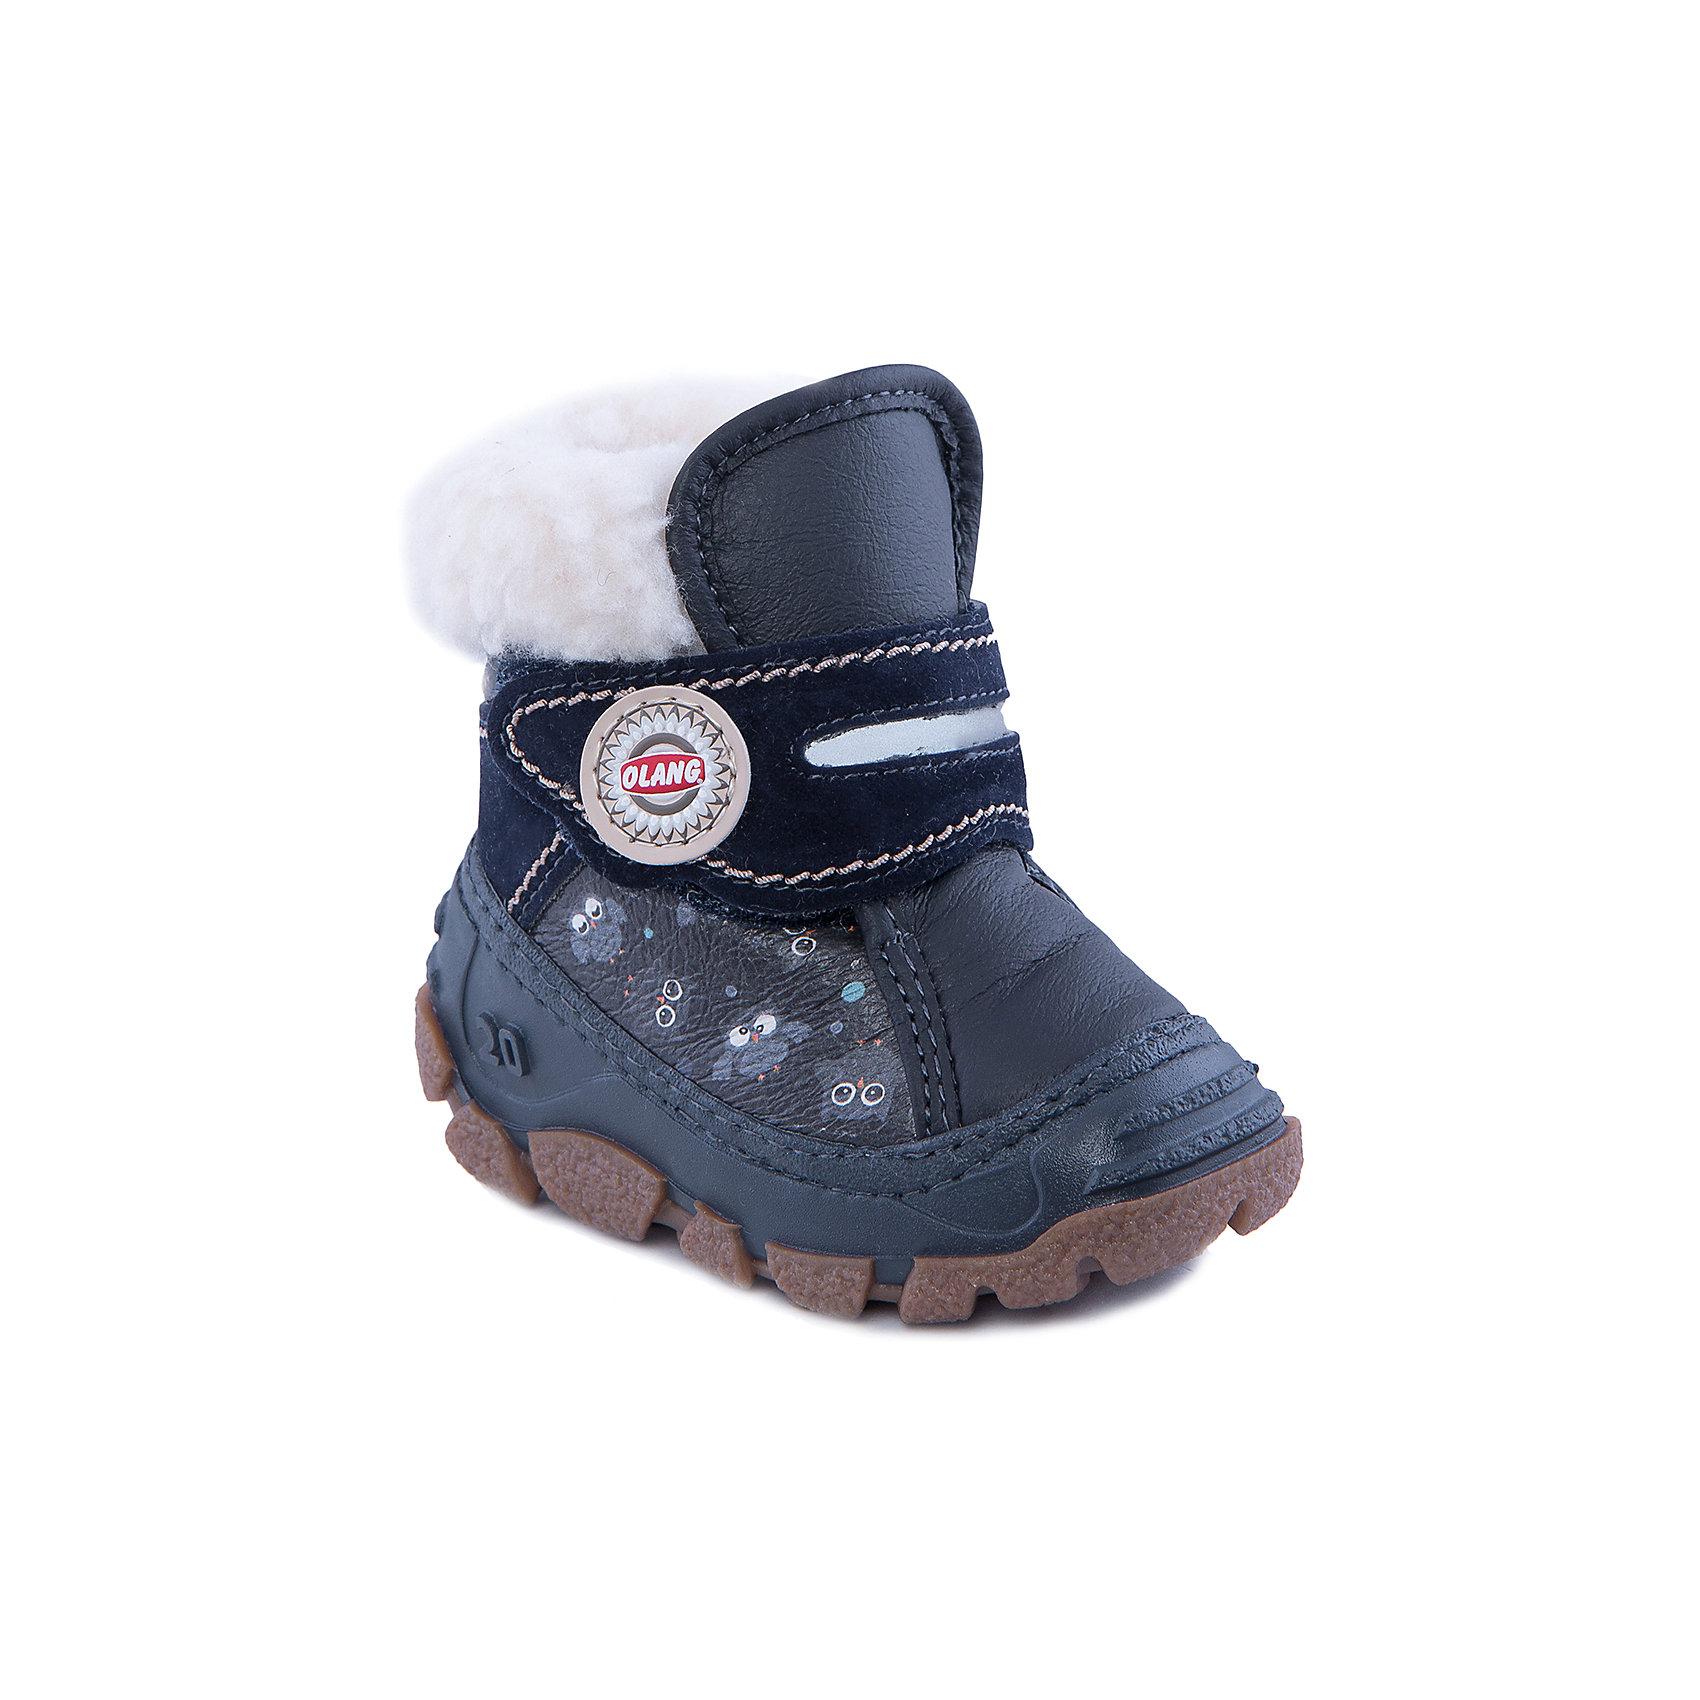 Сапоги для мальчика OlangСапоги для мальчика от известной марки Olang<br><br>Удобные зимние сапоги разработаны специально для детей. <br>В холода они обеспечат детским ножкам комфорт и тепло.<br><br>Отличительные особенности модели:<br><br>- цвет: синий;<br>- устойчивая рифленая подошва;<br>- теплая стелька;<br>- усиленный носок и задник;<br>- эргономичная форма;<br>- удобная колодка;<br>- меховая подкладка;<br>- качественные материалы;<br>- застежка-липучка.<br><br>Дополнительная информация:<br><br>- Температурный режим: от - 20° С  до +5° С.<br><br>- Состав:<br><br>материал верха: 80% искусственная кожа, 20% эко-замша<br>материал подкладки: искусственный мех<br>подошва: 70% ЭВА (этиленвинилацетат), 30% натуральная резина<br><br>Сапоги для мальчика Olang (Оланг) можно купить в нашем магазине.<br><br>Ширина мм: 257<br>Глубина мм: 180<br>Высота мм: 130<br>Вес г: 420<br>Цвет: синий<br>Возраст от месяцев: 36<br>Возраст до месяцев: 48<br>Пол: Мужской<br>Возраст: Детский<br>Размер: 27/28,21/22,25/26,19/20,23/24<br>SKU: 4279287